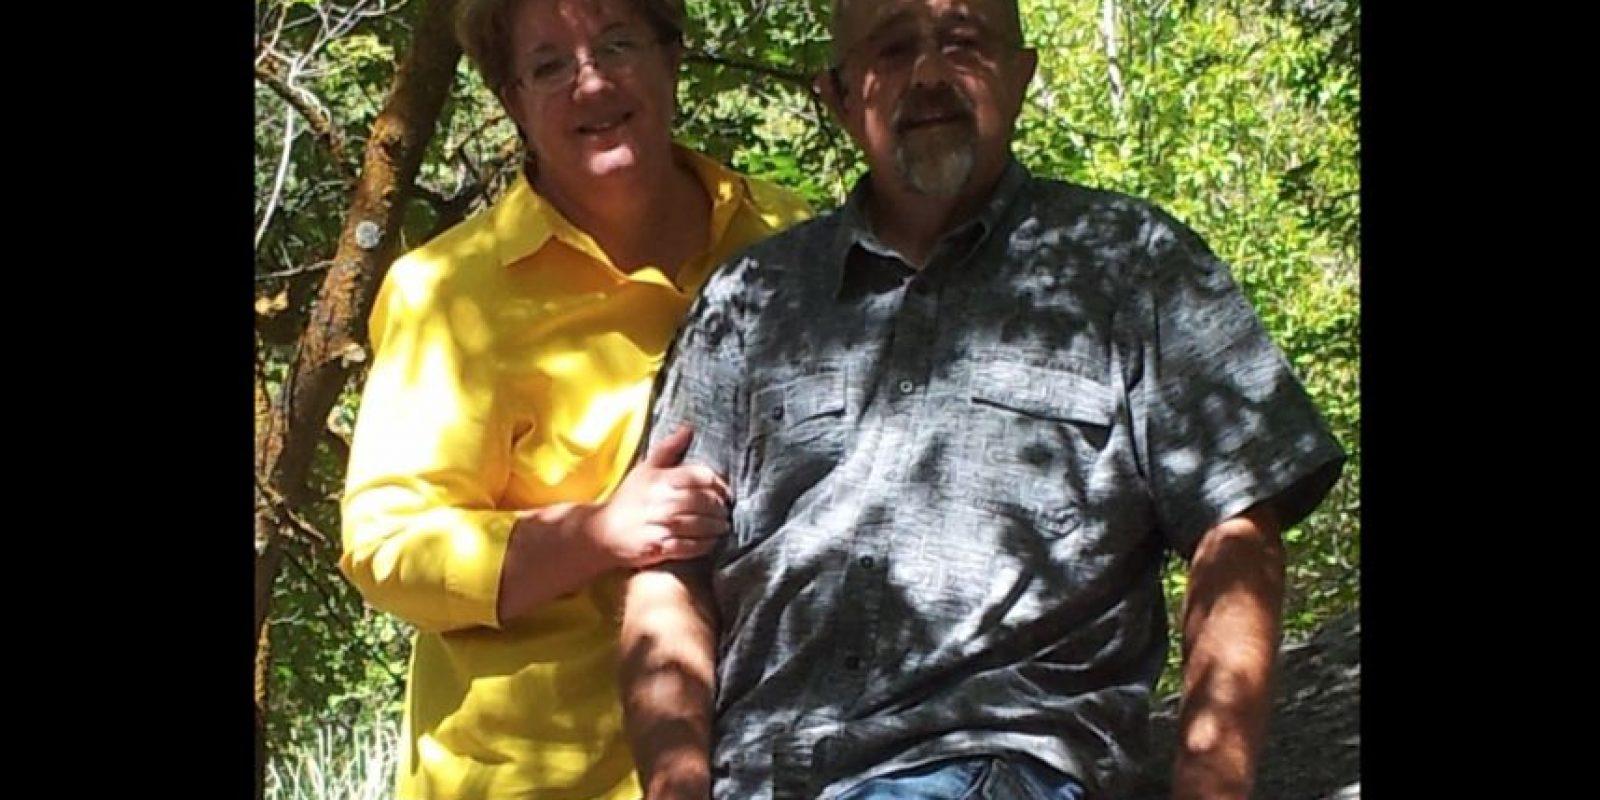 Kathy Ford hizo público el momento en que Darilyn y Sean Merrillle entregaron el auto a su marido. Foto:Vía facebook.com/kathy.ford.